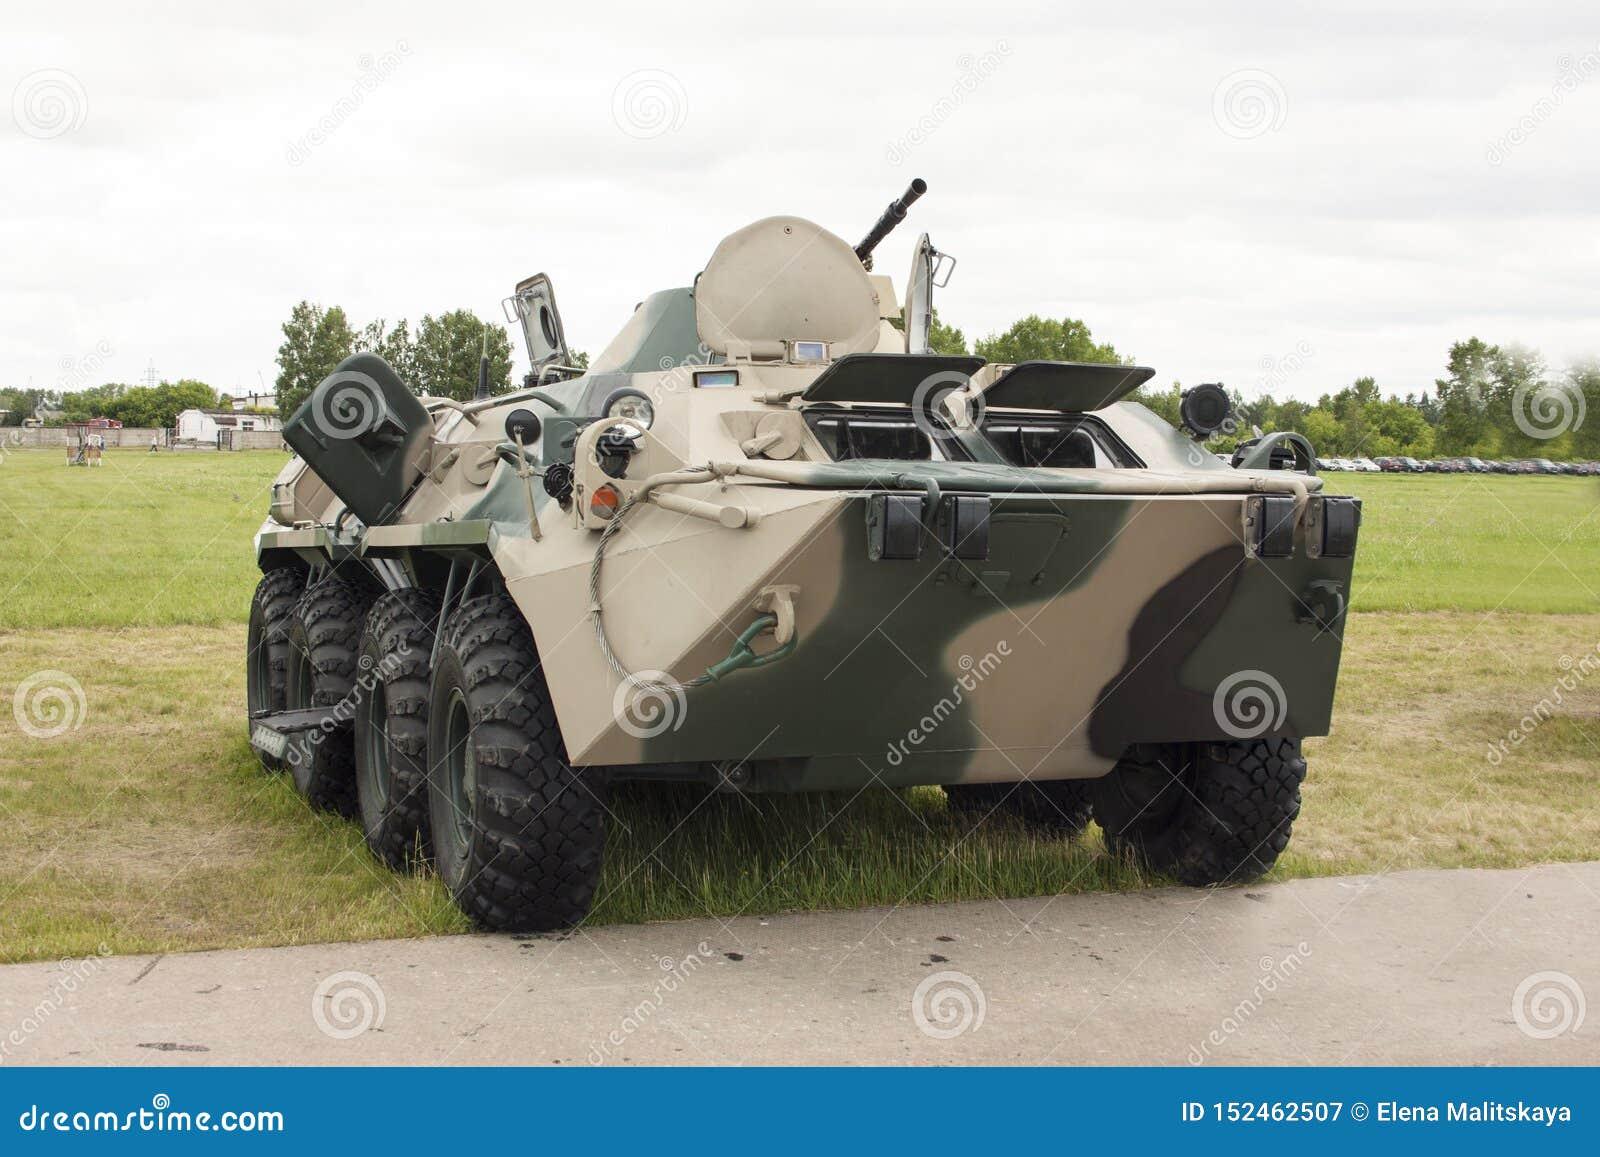 有伪装油漆的俄国现代装甲运兵车